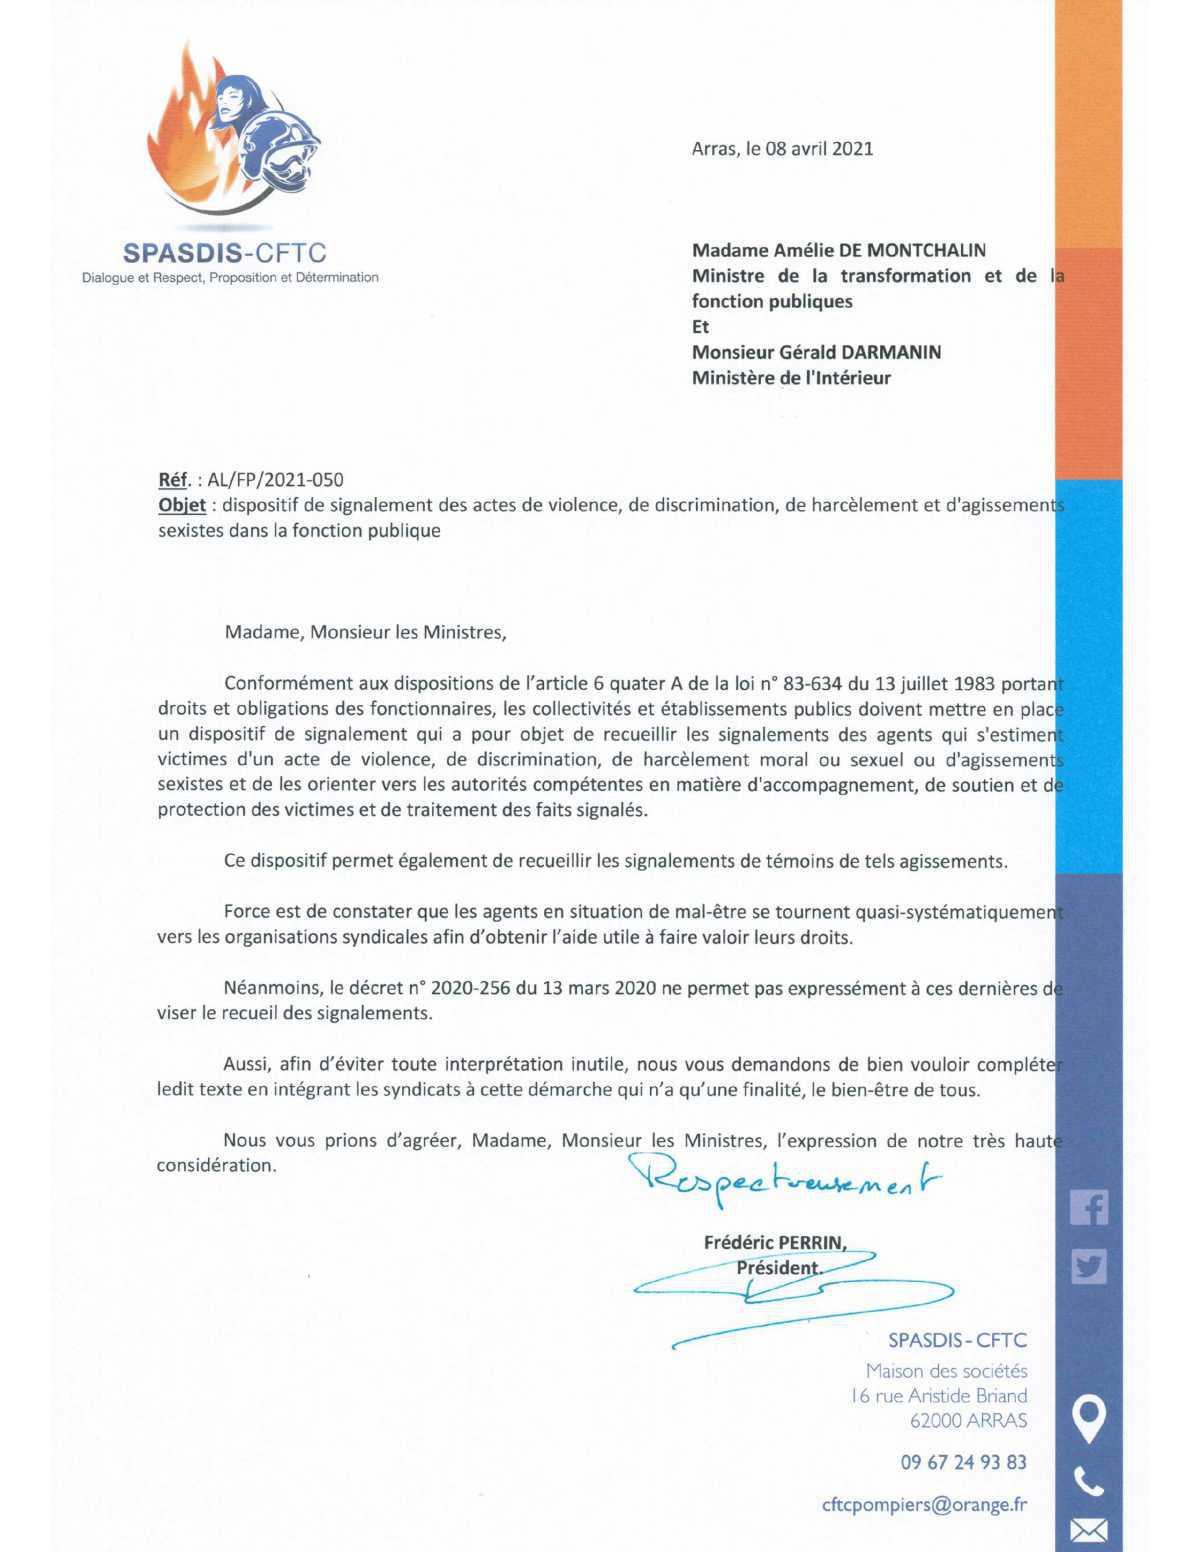 Le SPASDIS sollicite les Ministres de la Fonction Publique et de l'Intérieur